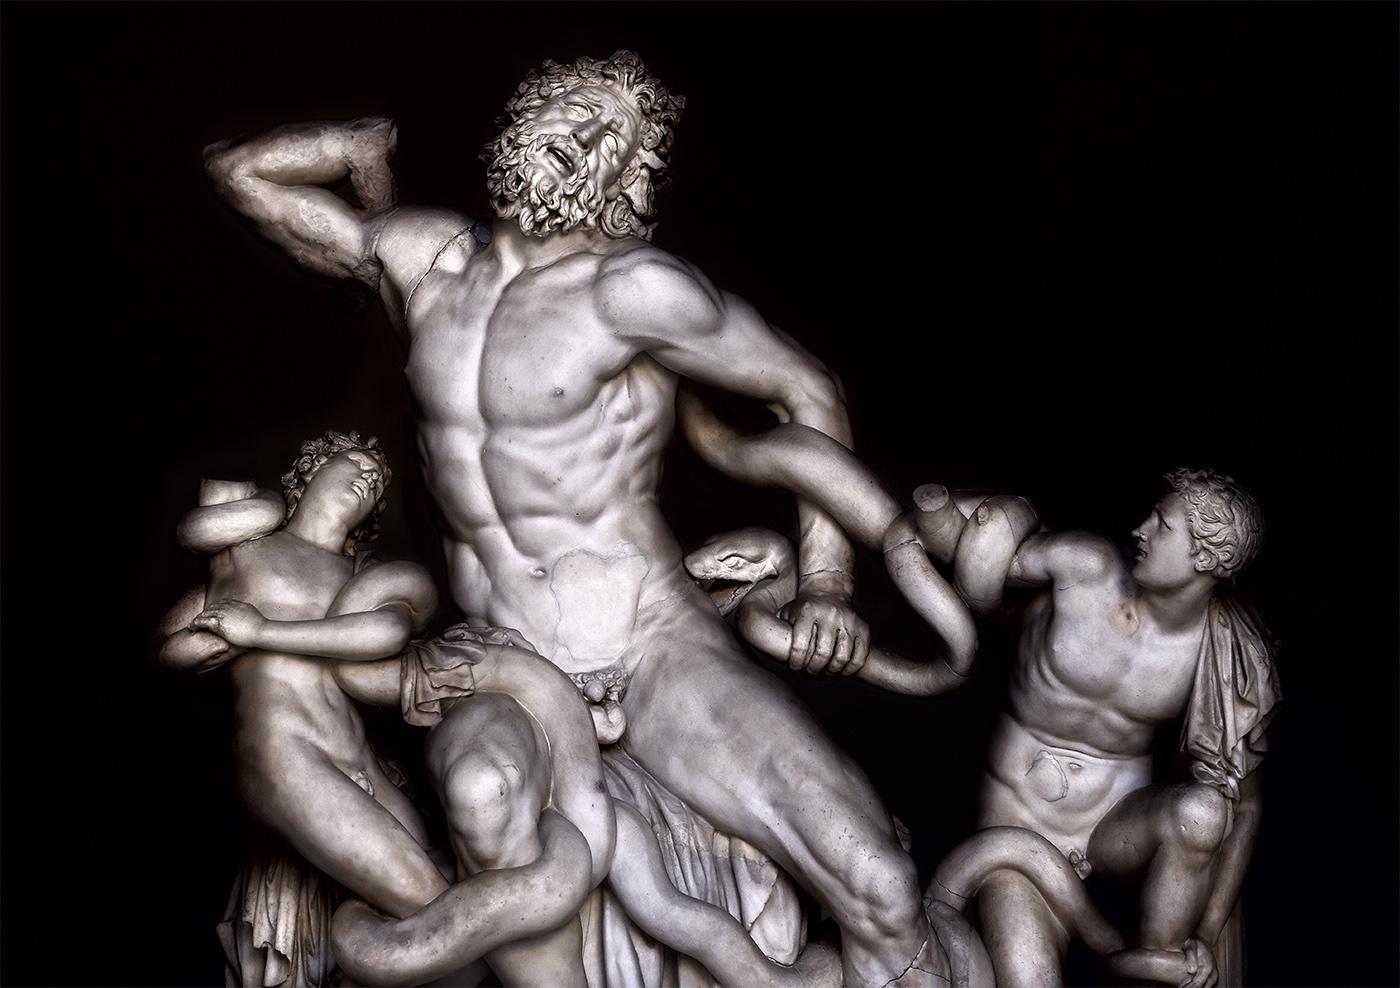 Atenodoro, Polidoro de Rodas y Agesandro. El Laoconte y sus hijos. Siglo I d.C. Museos Vaticanos.